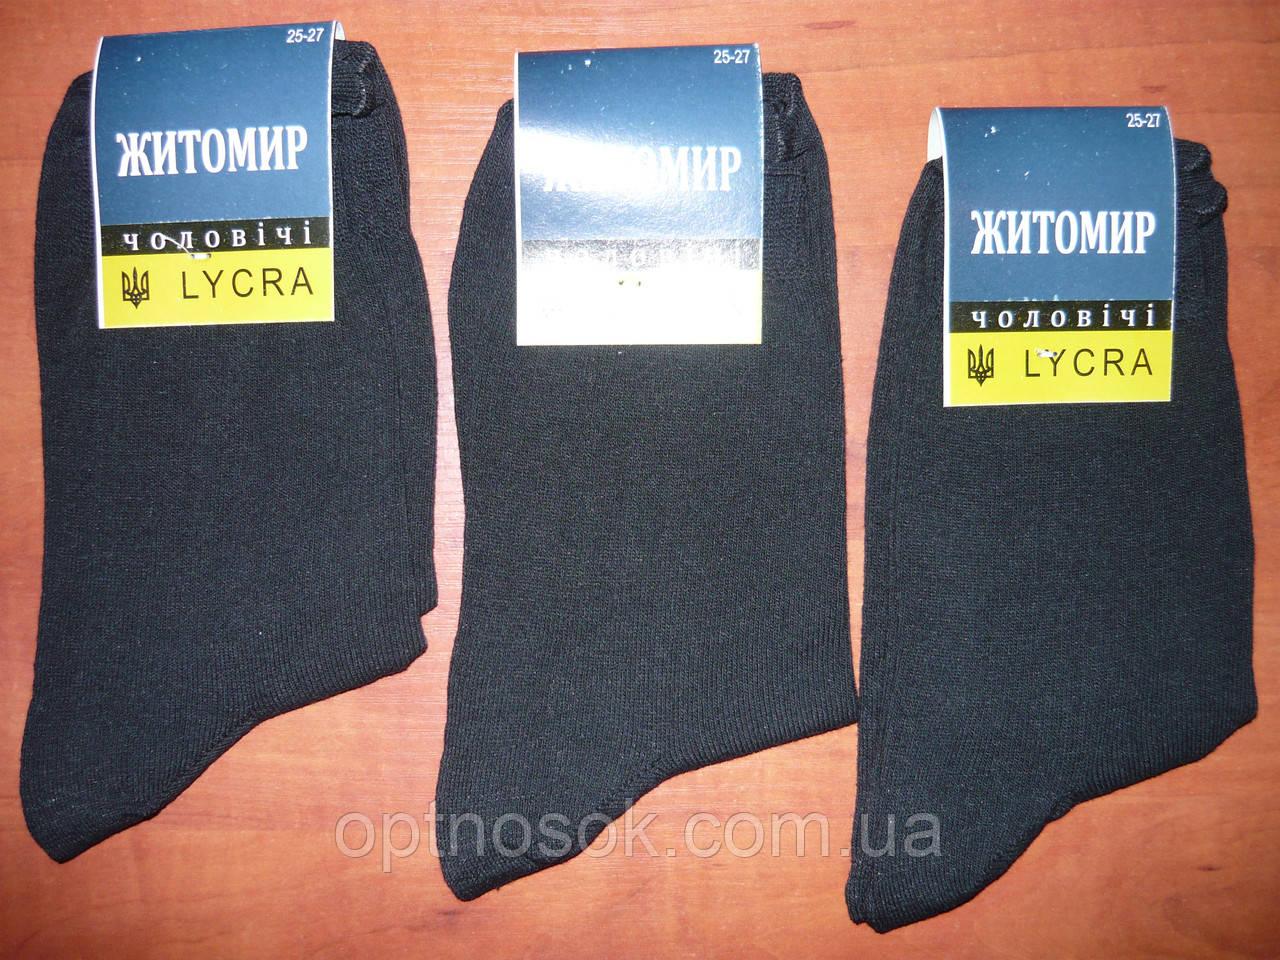 Мужской носок стрейч Житомир. Р. 25-27.Цвет- черный.